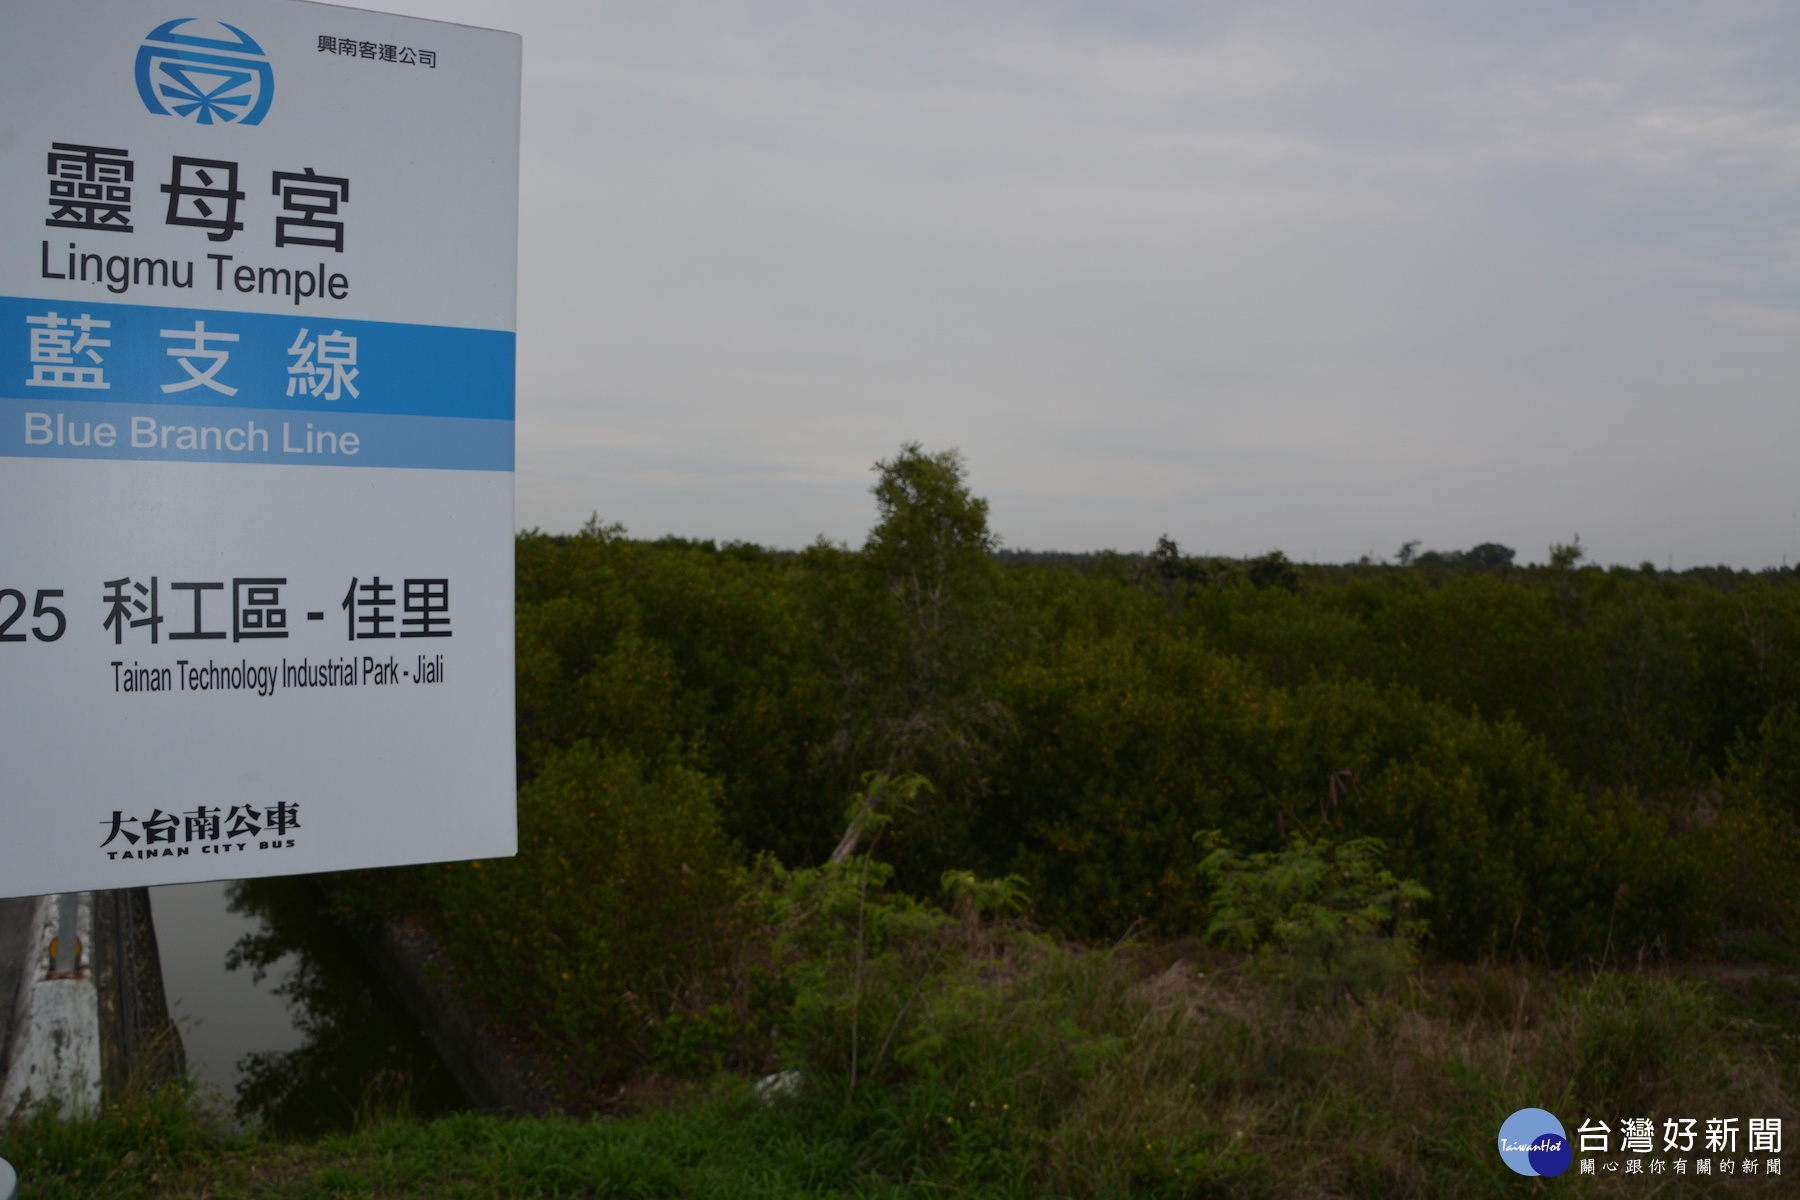 七股科工區審查通過 台南沿海年增近萬工作機會